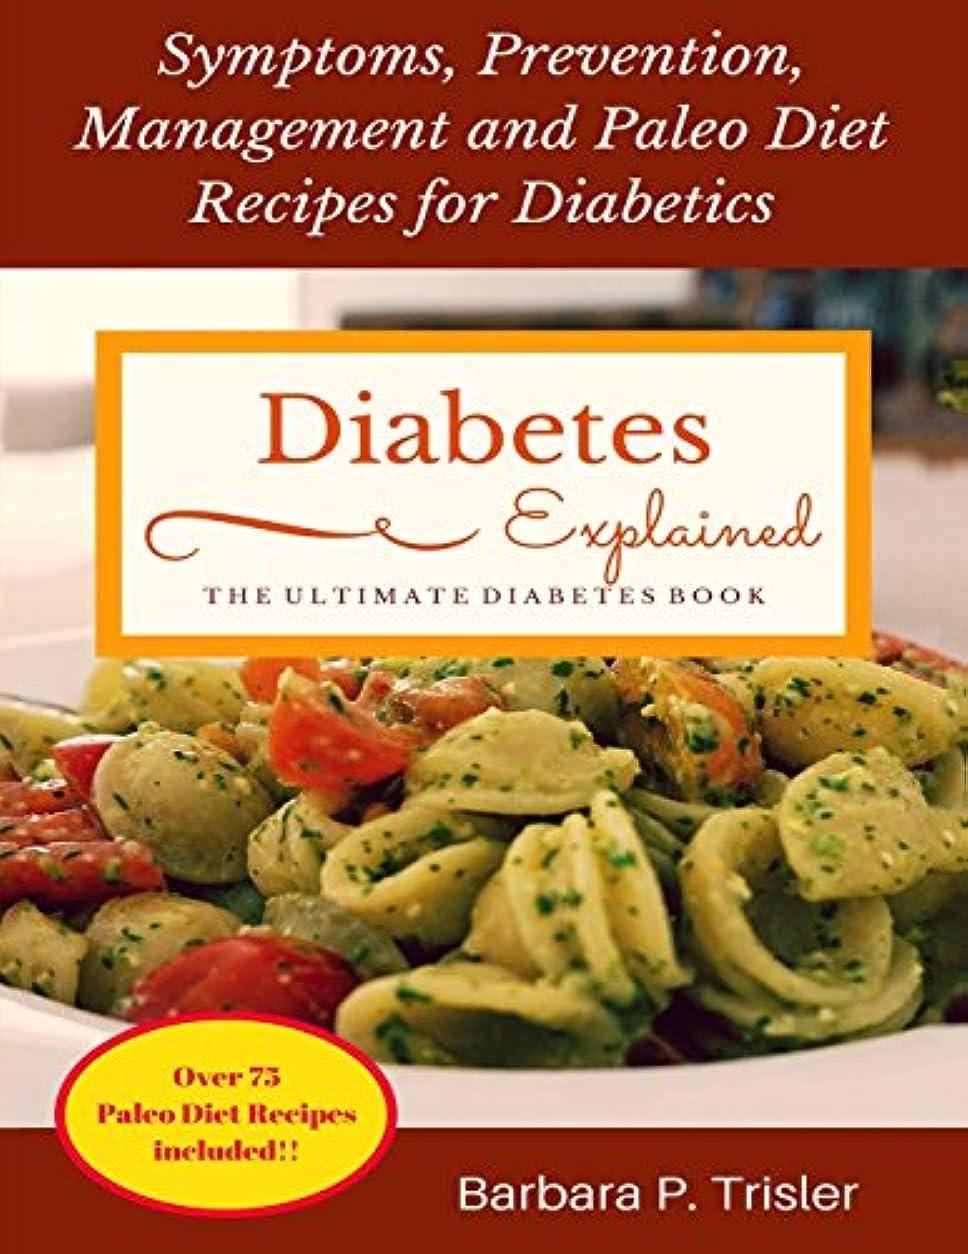 方向メガロポリス脱走Diabetes: Symptoms, Prevention, Management and Paleo Diet Recipes for Diabetics